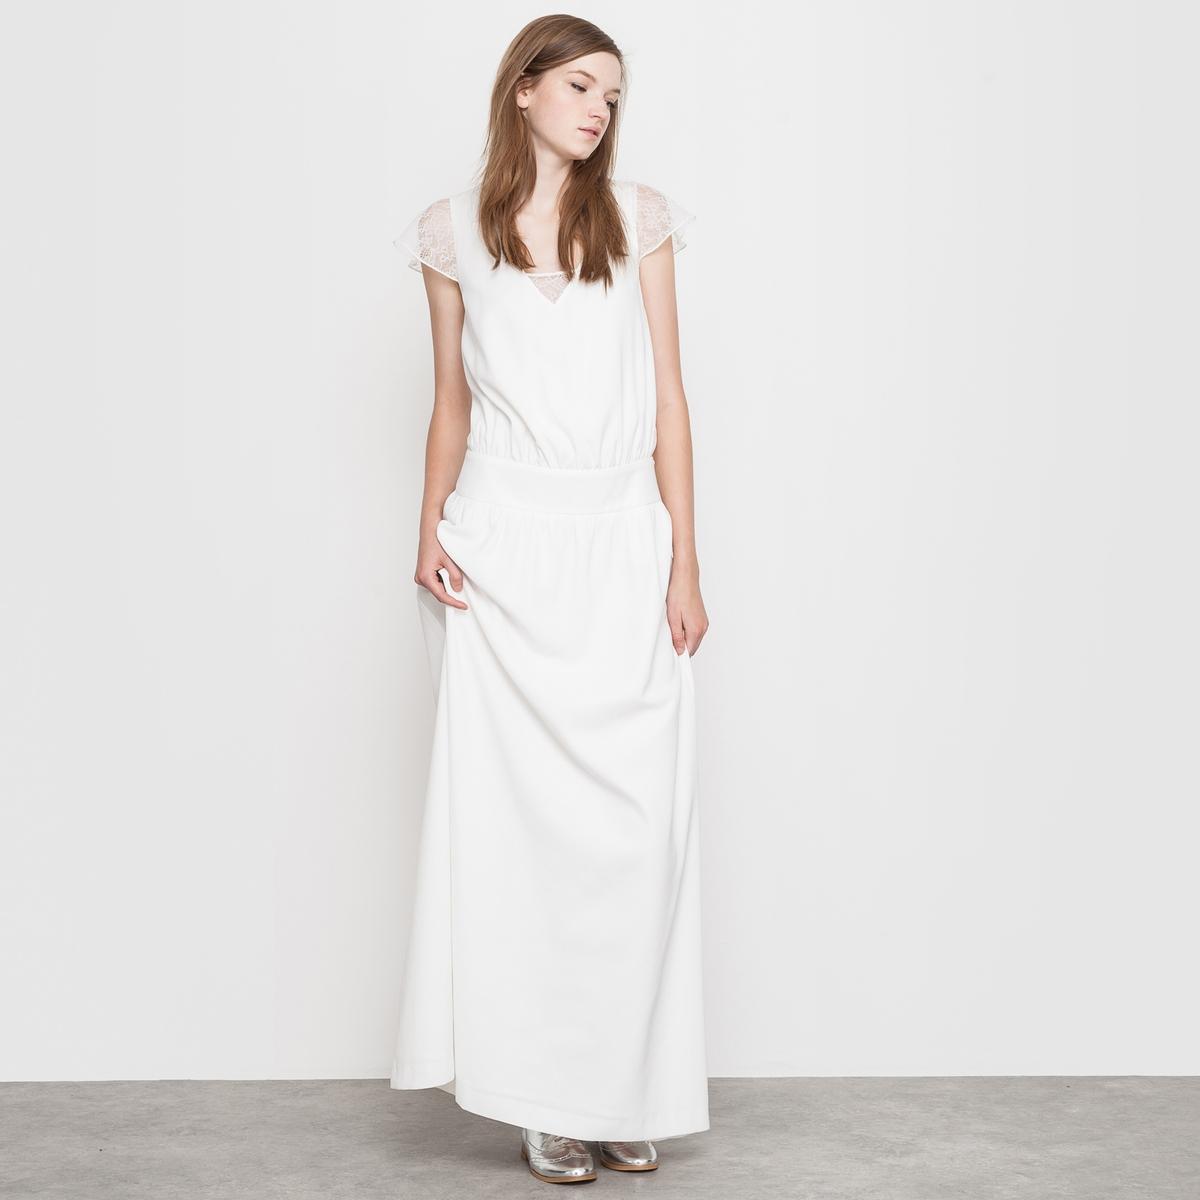 Купить со скидкой Платье длинное свадебное